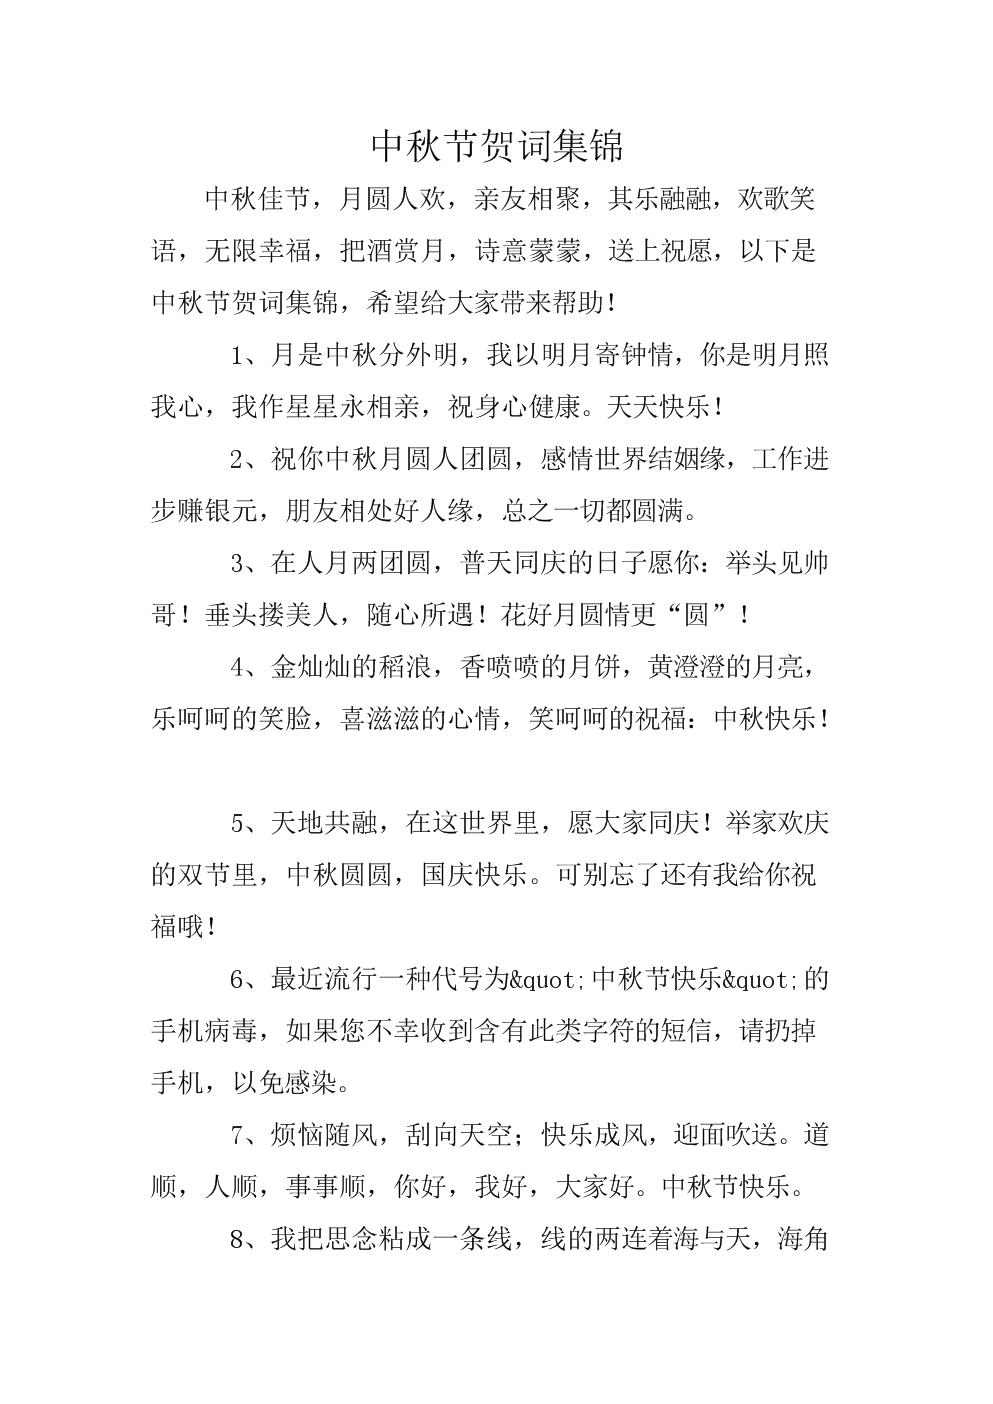 中秋节贺词集锦大全.doc